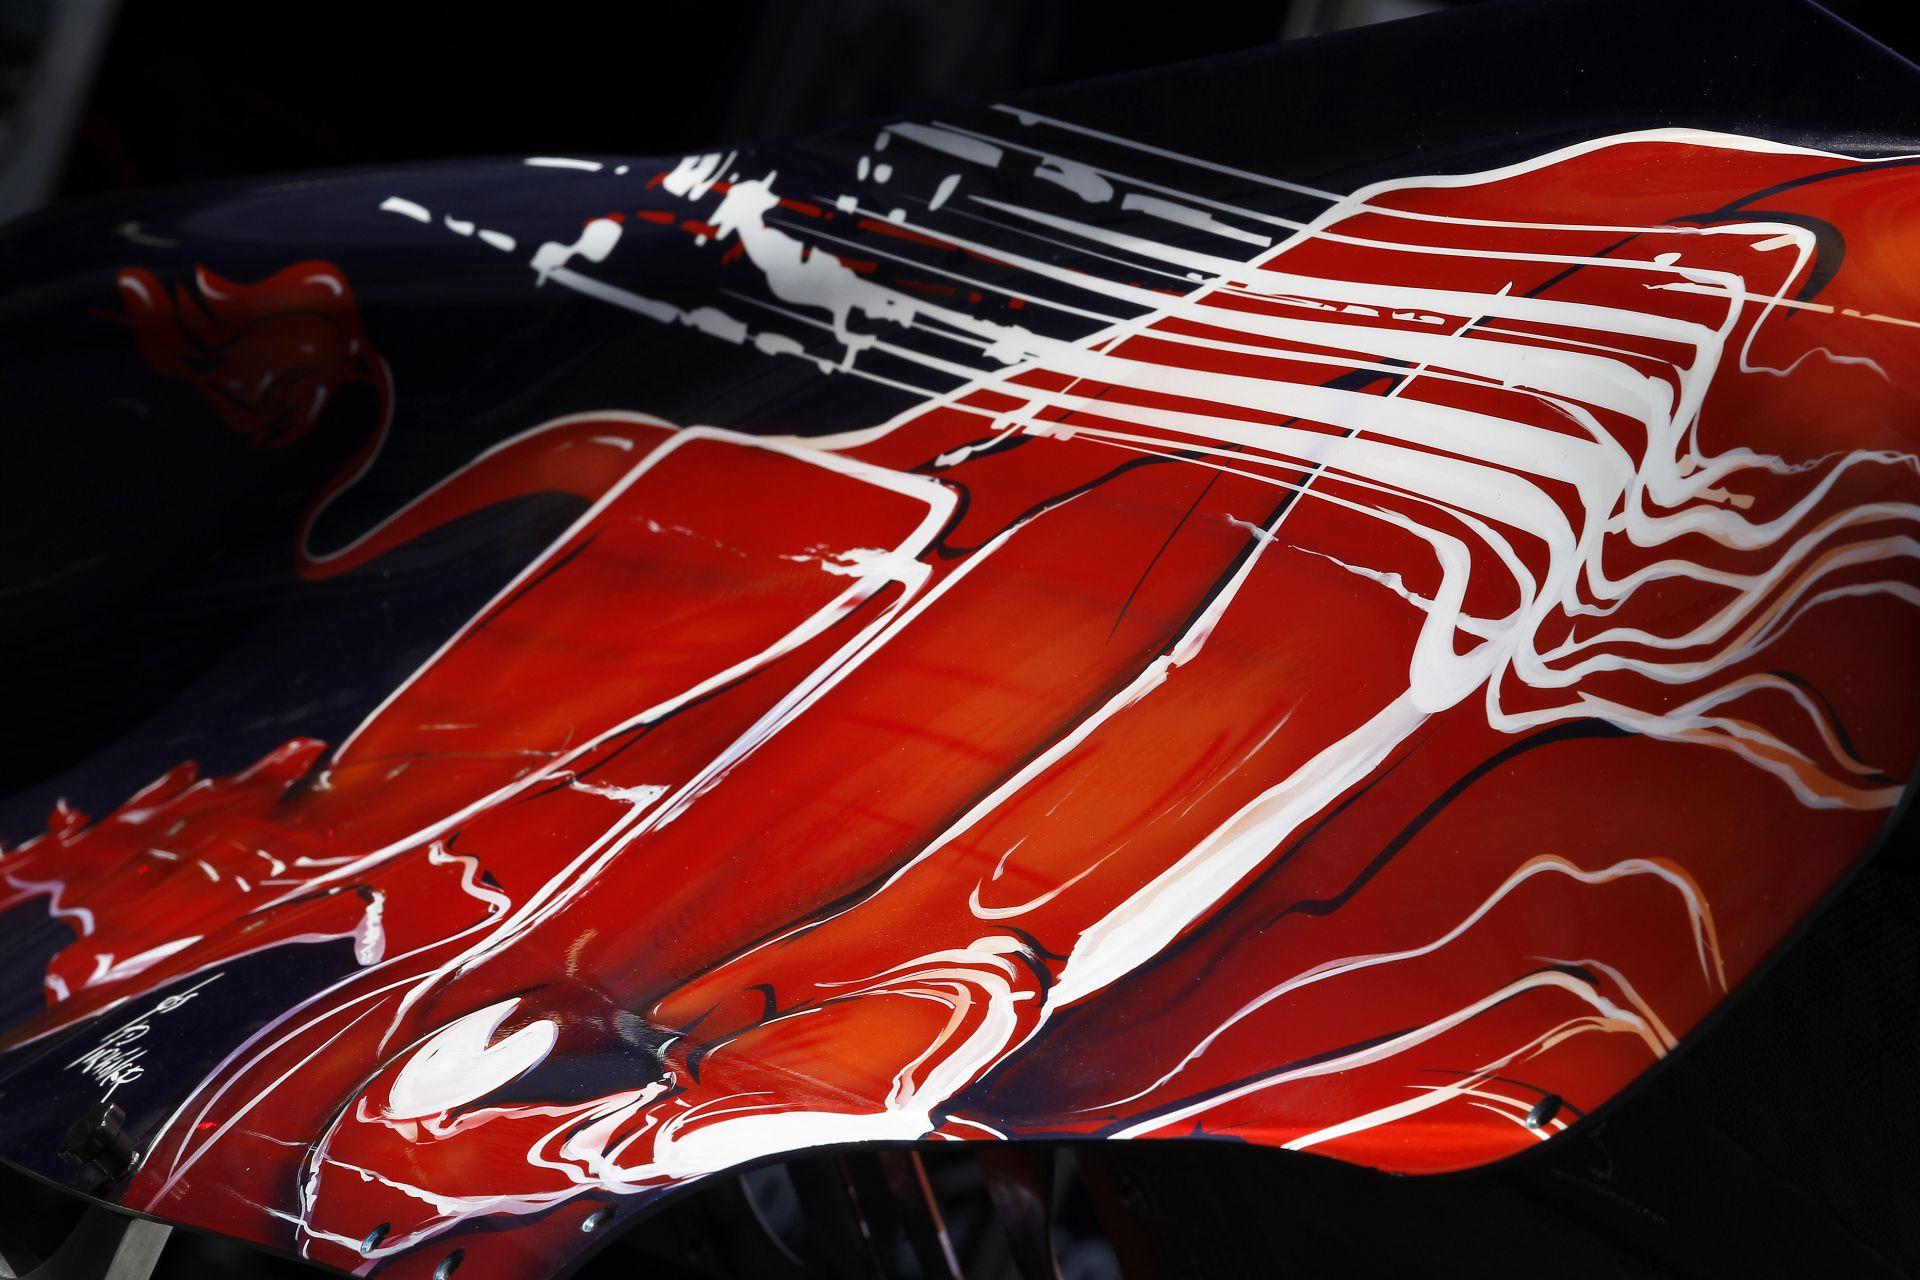 F1-es autóval tesztel Marco Wittman, a DTM és a BMW idei bajnoka